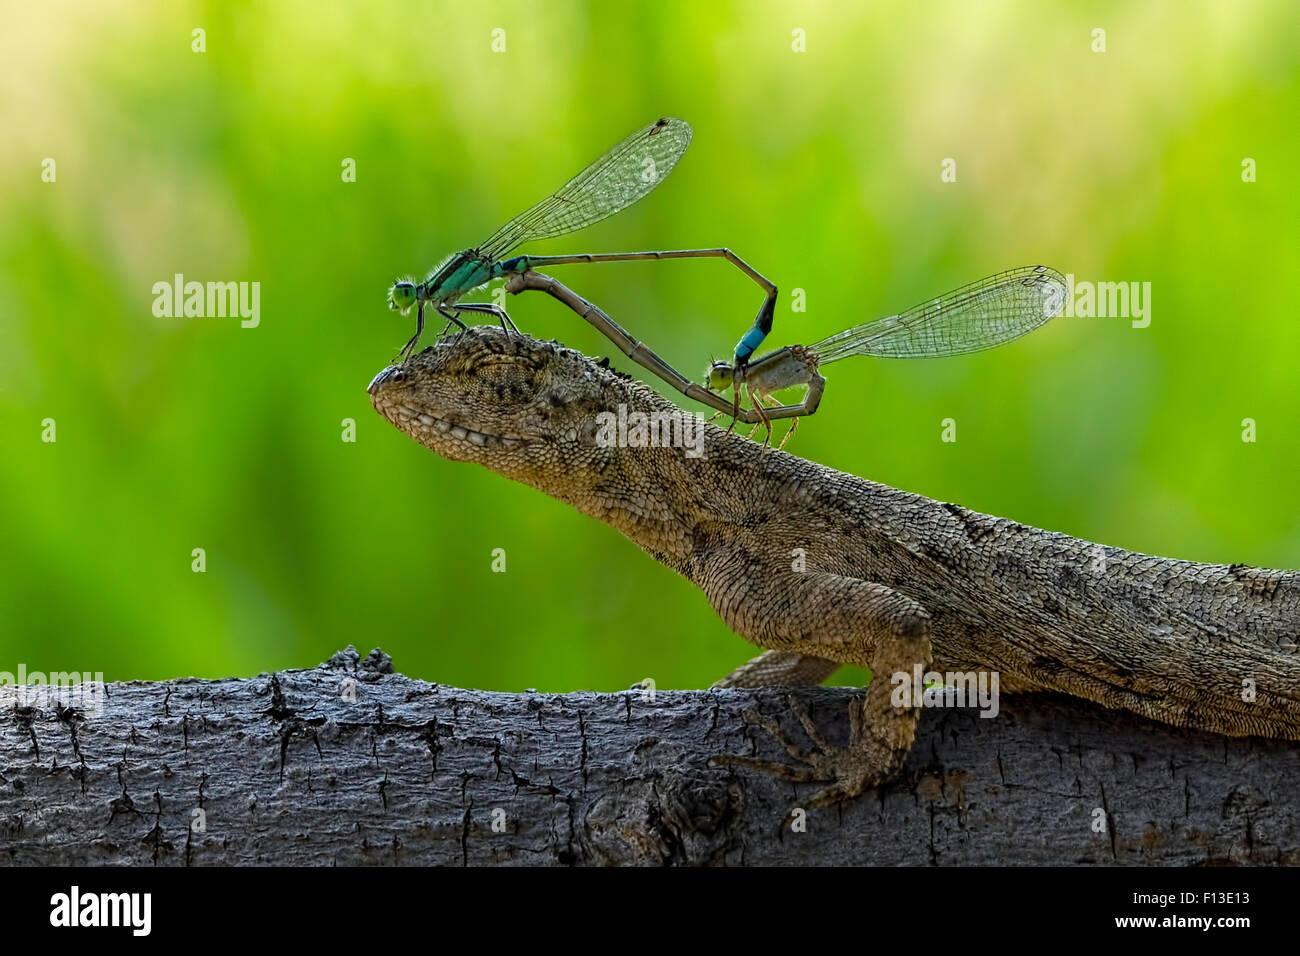 Zwei paarende Libellen sitzen auf den Kopf einer Eidechse Stockbild